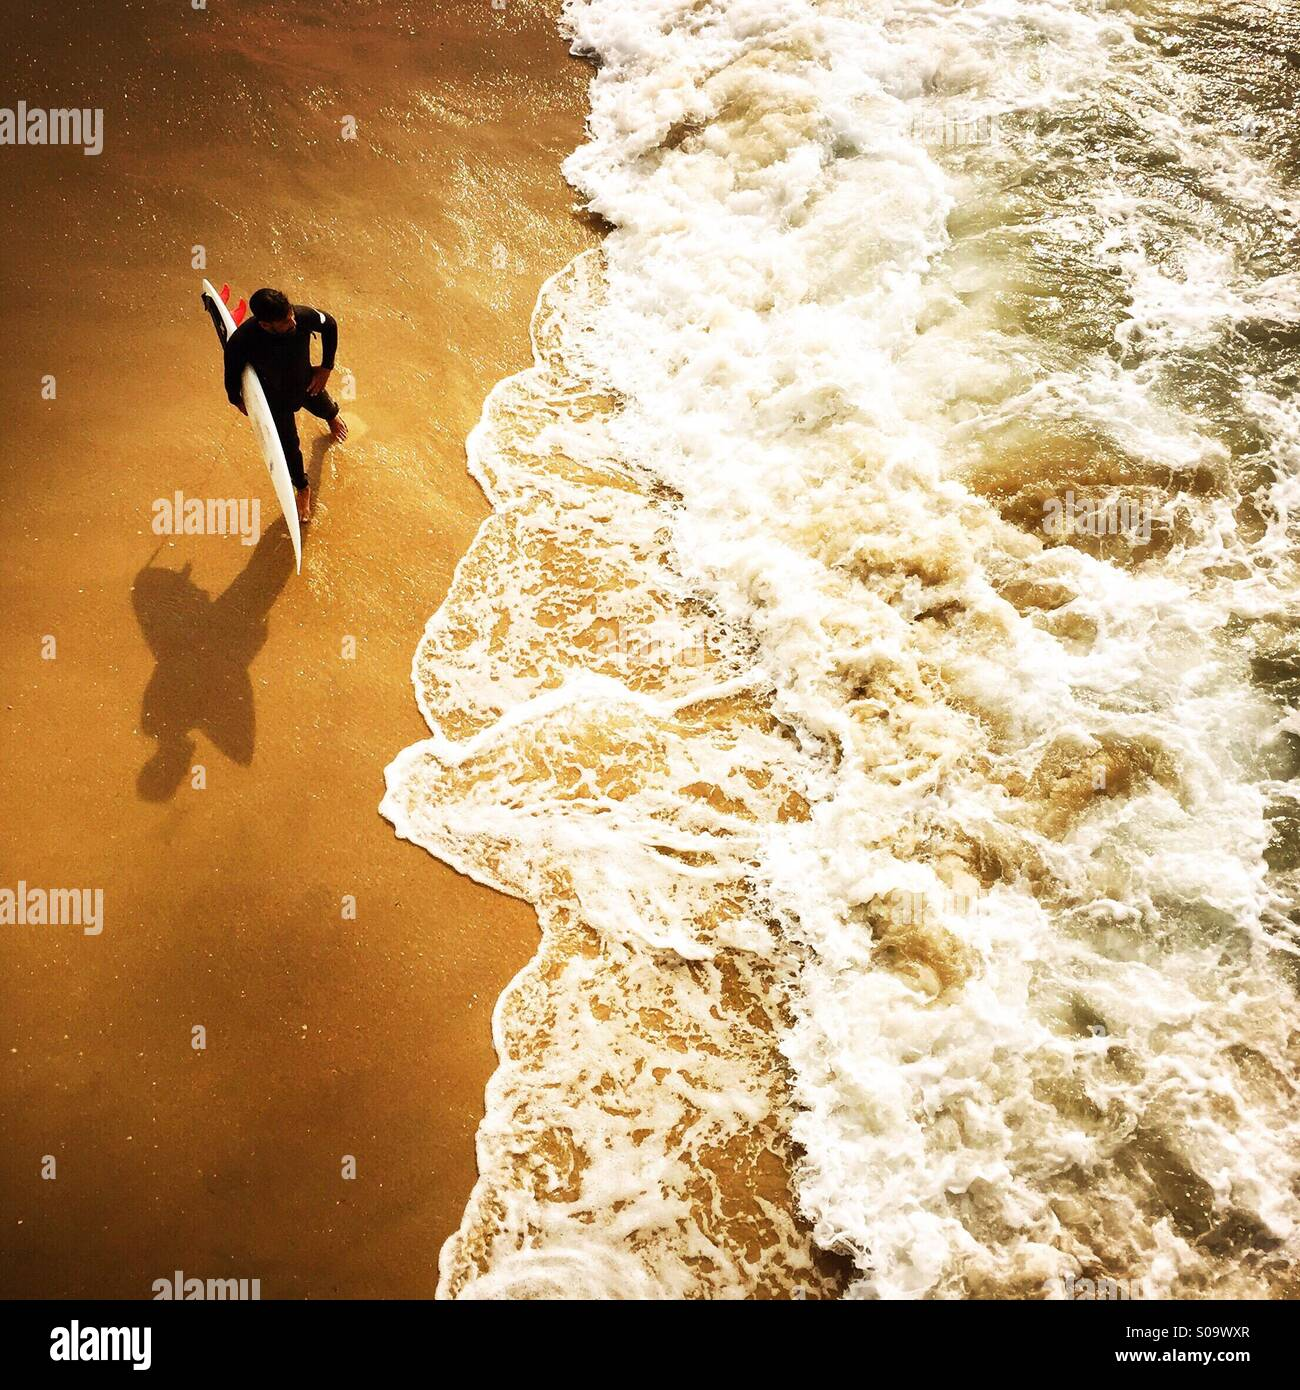 Un internaute attend au rivage pour surfer. Manhattan Beach, Californie, États-Unis. Banque D'Images